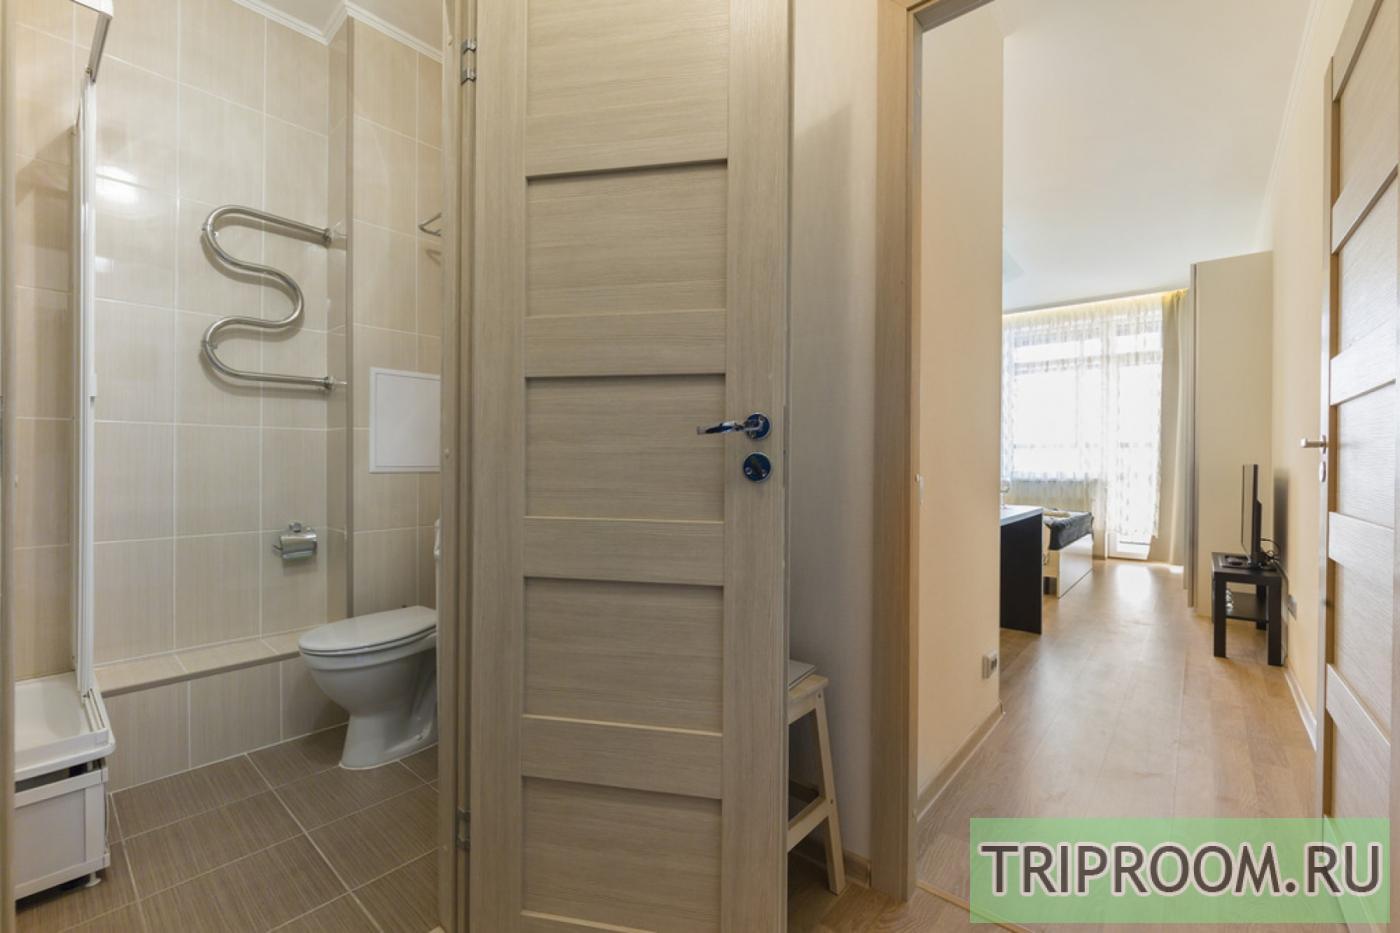 1-комнатная квартира посуточно (вариант № 18461), ул. Адмирала Черокова улица, фото № 21